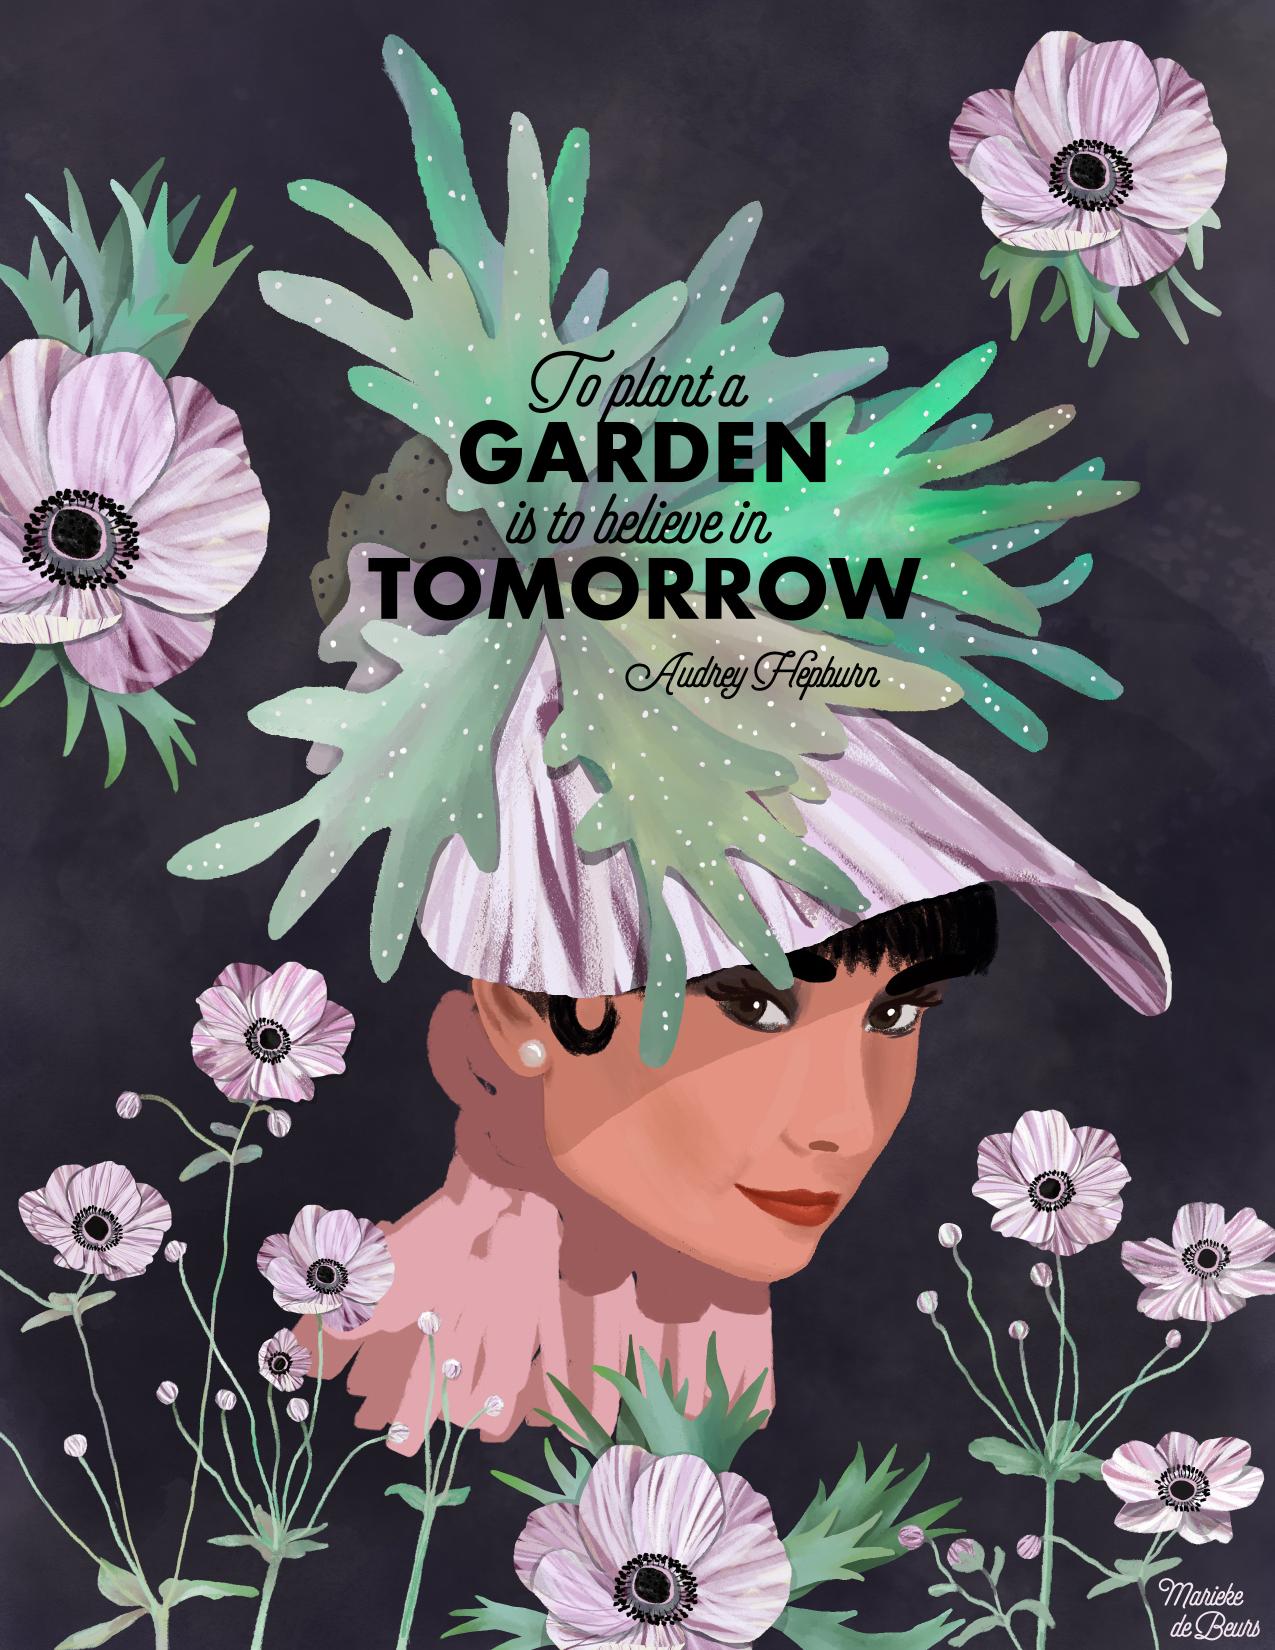 MARIEKE_DE_BEURS_GTS18A1_to_plant_a_garden_is_to_believe_in_tomorrow_Audrey_Hepburn.jpg